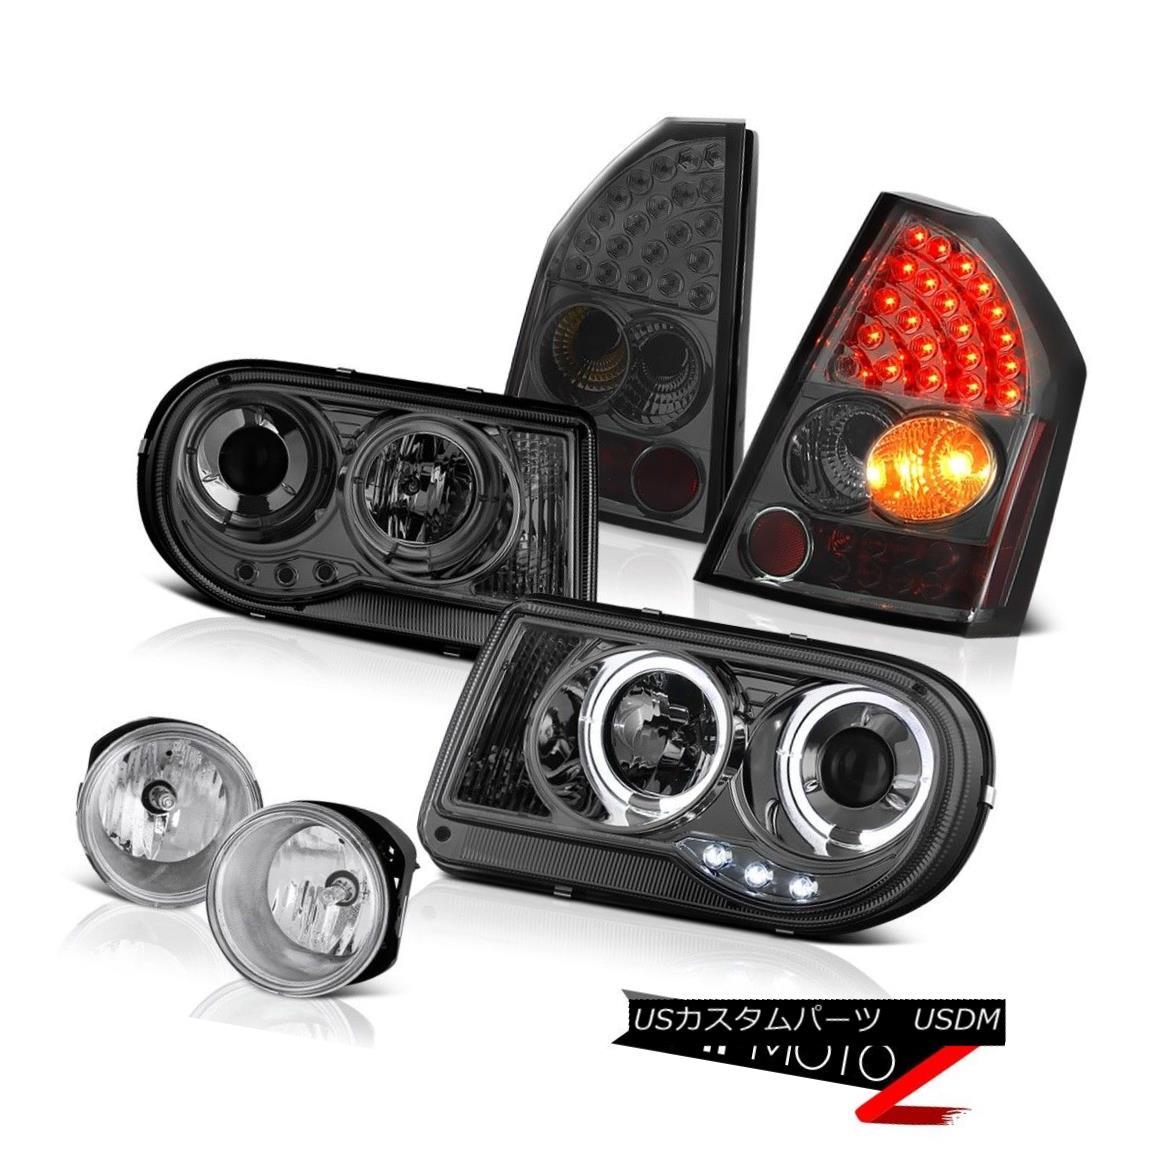 テールライト 08 09 10 Chrysler 300C 5.7L LED Halo Headlights Parking Tail Lights Euro Fog 08 09 10クライスラー300C 5.7L LEDハローヘッドライトパーキングテールライトユーロフォグ